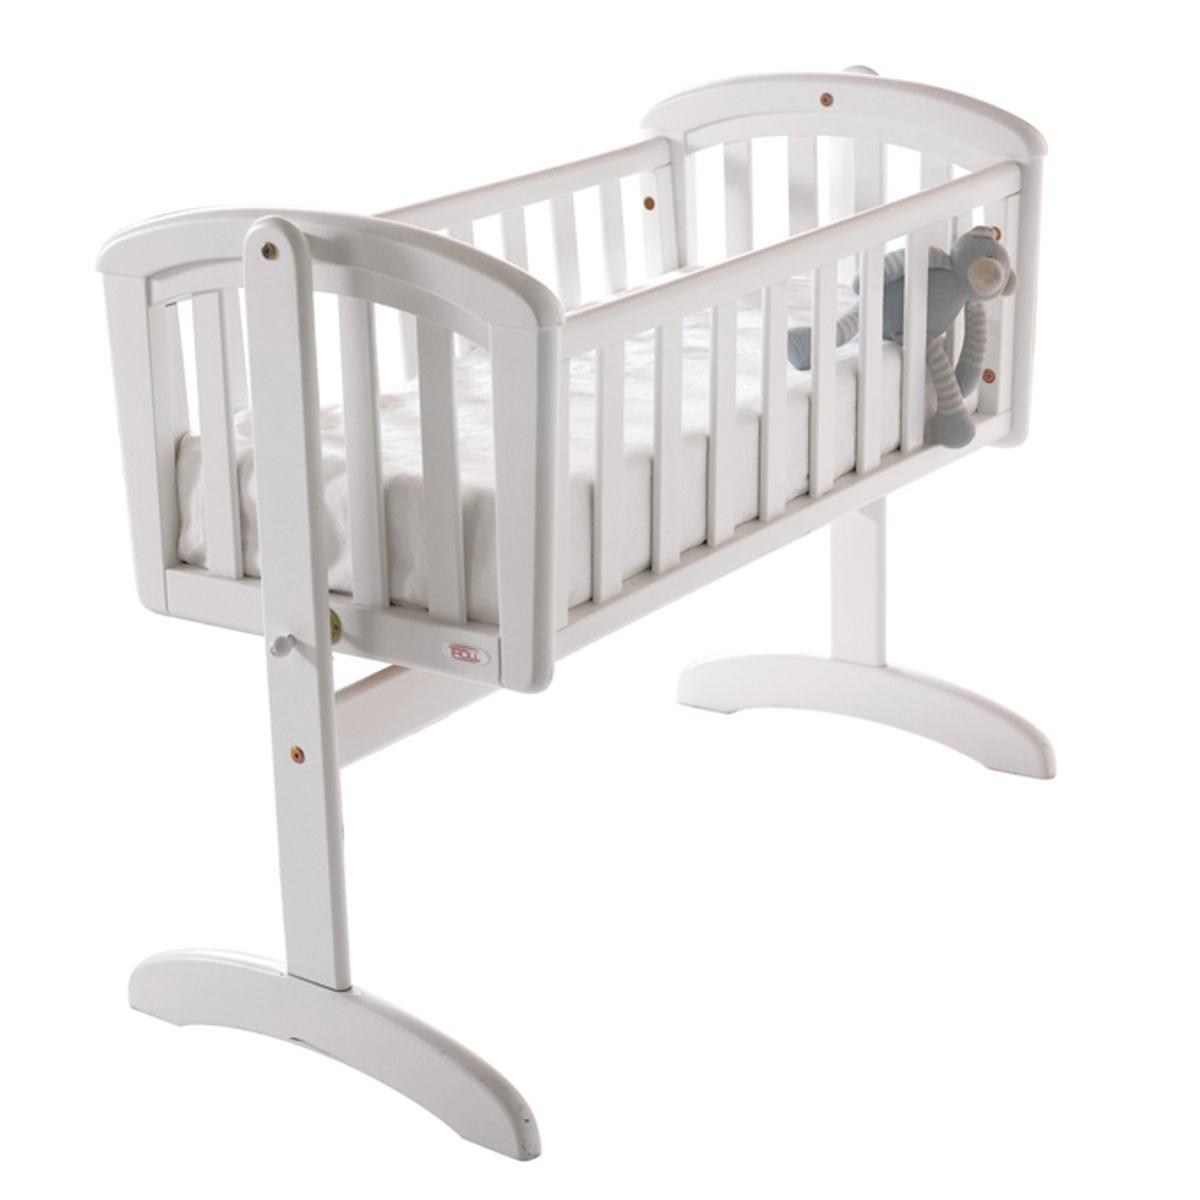 Колыбель-качалка для новорожденных, LoftОписание колыбели-качалки для новорожденных Loft:Колыбель-качалка с ограничителями. Цельное кроватное основание Адаптированный матрас размер. 89 x   38 x 5 см, покрытие из хлопковой ткани. Характеристики колыбели-качалки для новорожденных  Loft:Каркас из массива березы. Отделка водной краской. Основание из МДФ. Найдите всю коллекцию Loft на сайте laredoute.ru.Качество : Вся наша продукция отвечает действующим стандартам безопасности. Размеры колыбели-качалки для новорожденных, Loft  :Длина : 105 смВысота : 82 смГлубина : 52,4 см Размеры и вес упаковки :1 упаковка106 x 18 x 56 см 14 кгДоставка на домКолыбель-качалка для новорожденных, Loft продается готовой к сборкеВаш товар будет доставлен по назначению, прямо на этажВнимание! Пожалуйста, убедитесь, что упаковка пройдет через проемы (двери, лестницы, лифты)<br><br>Цвет: белый